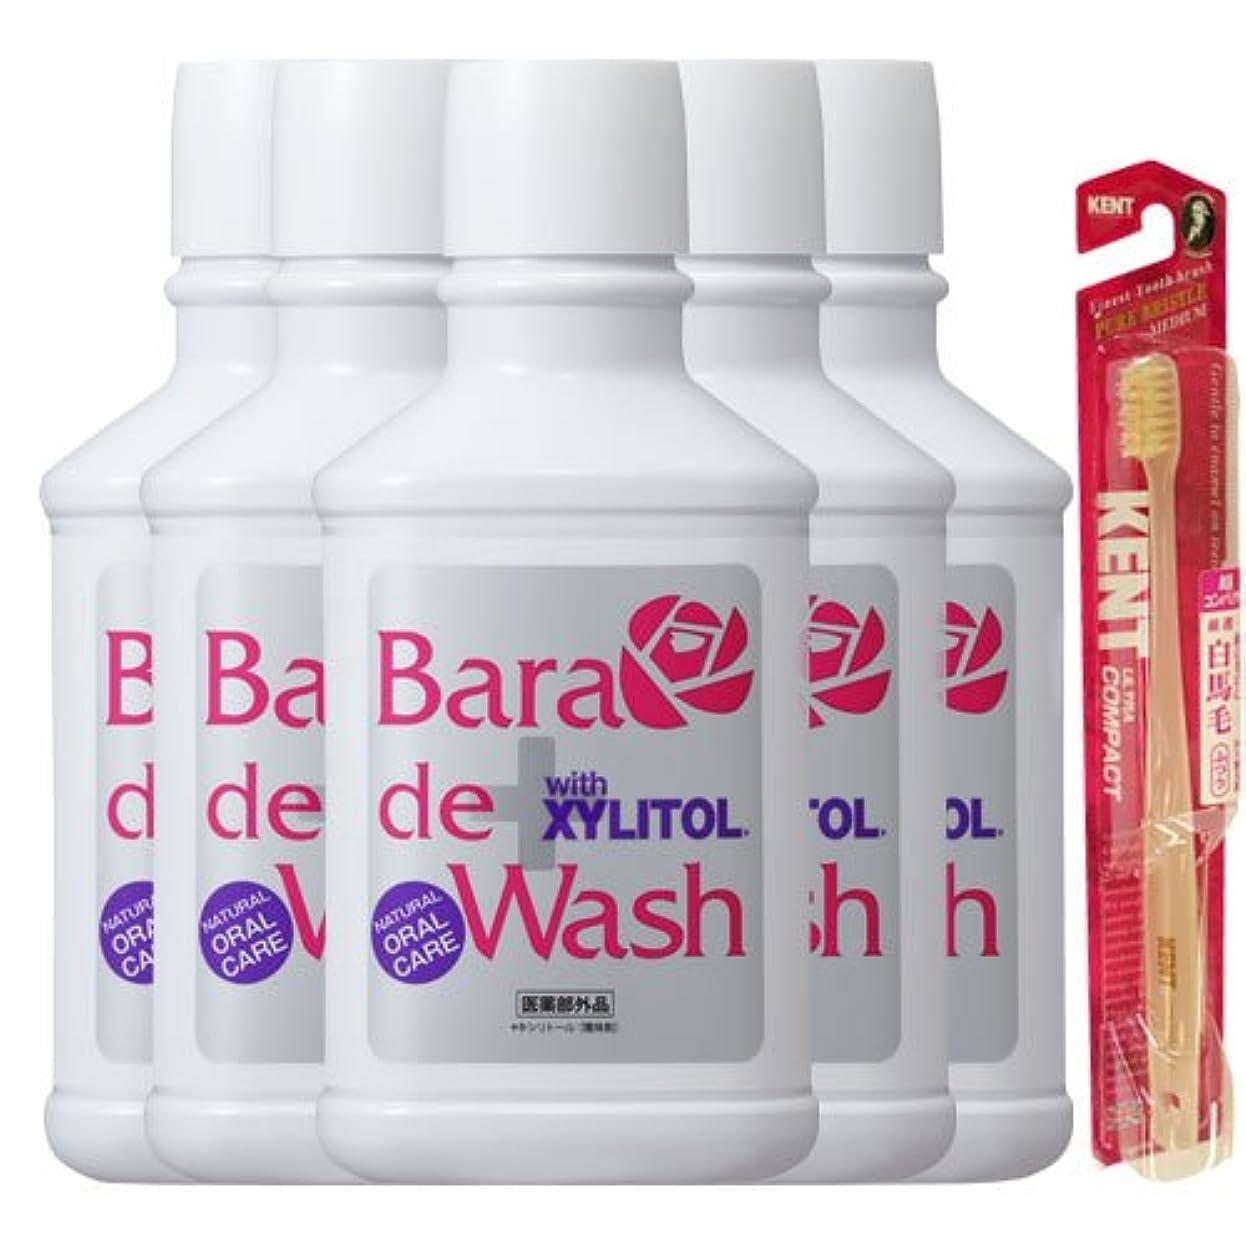 主石鹸一致する薬用バラデウォッシュ 500ml 5本& KENT歯ブラシ1本プレゼント